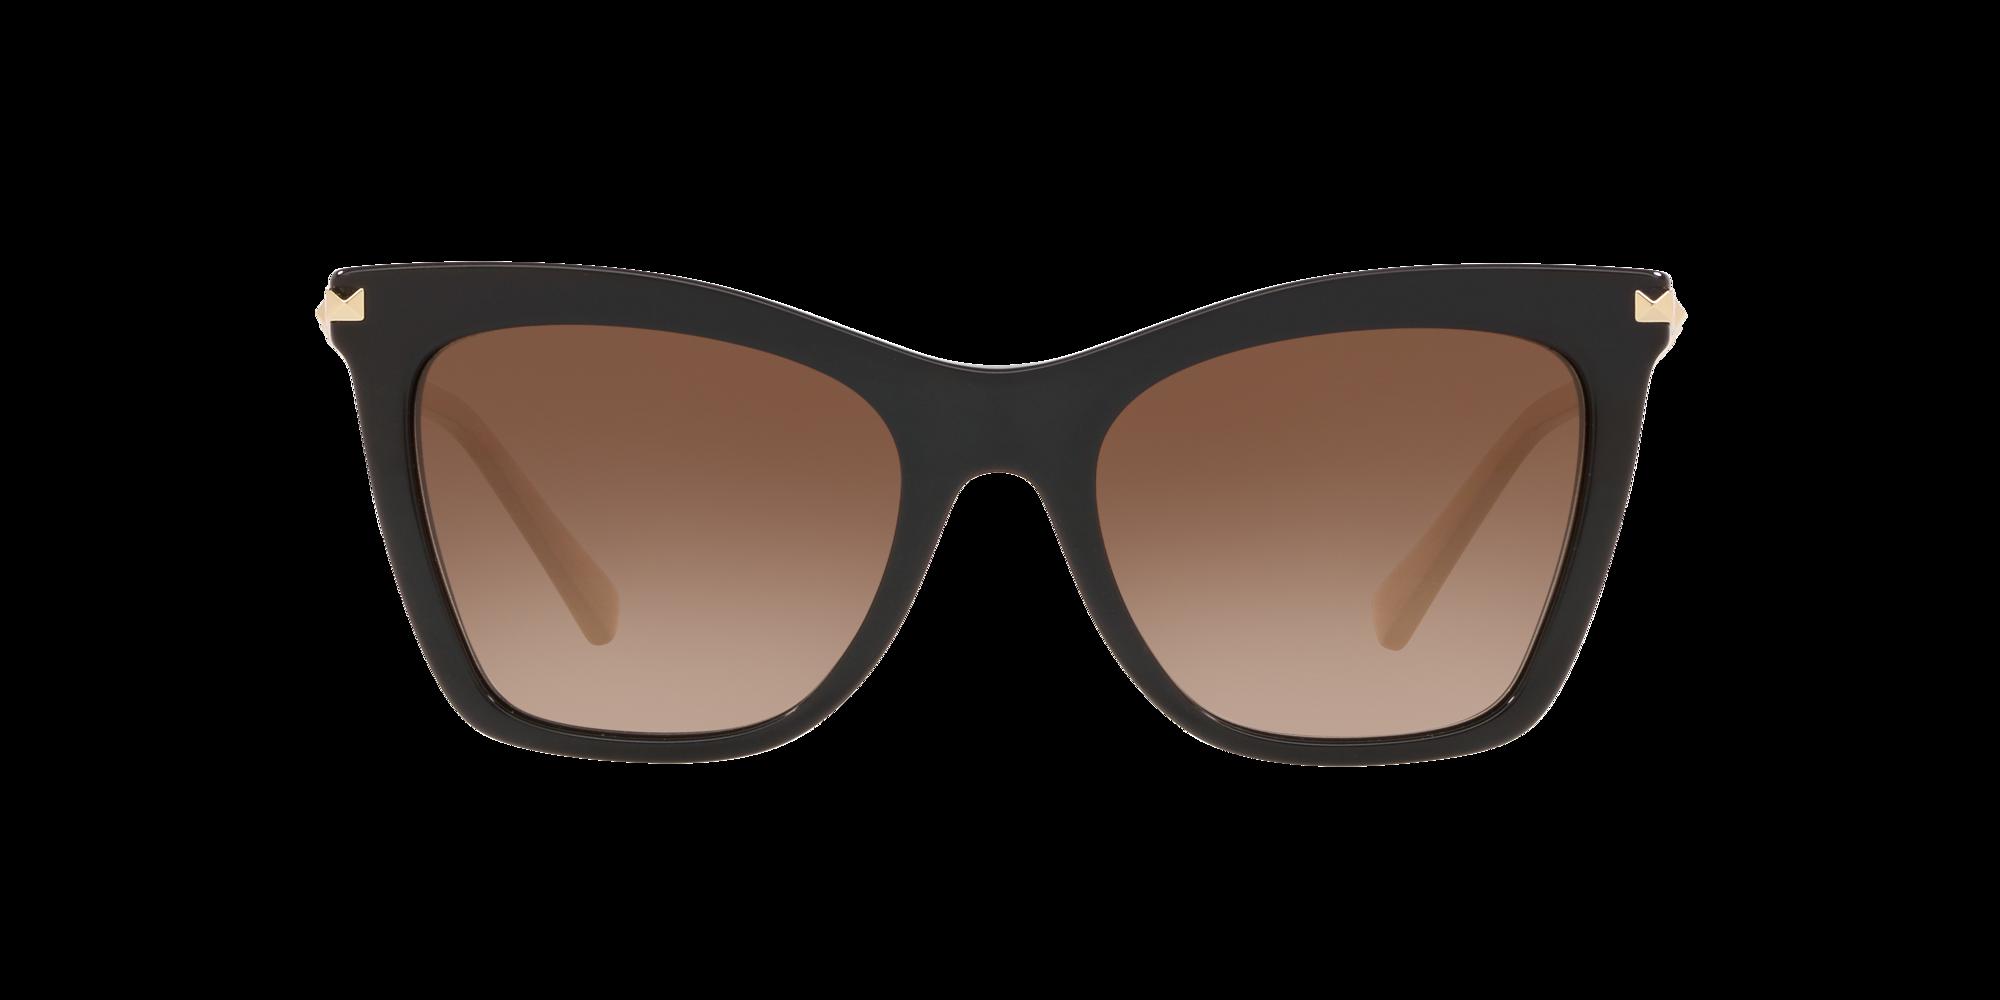 Imagen para VA4061 54 de LensCrafters |  Espejuelos, espejuelos graduados en línea, gafas